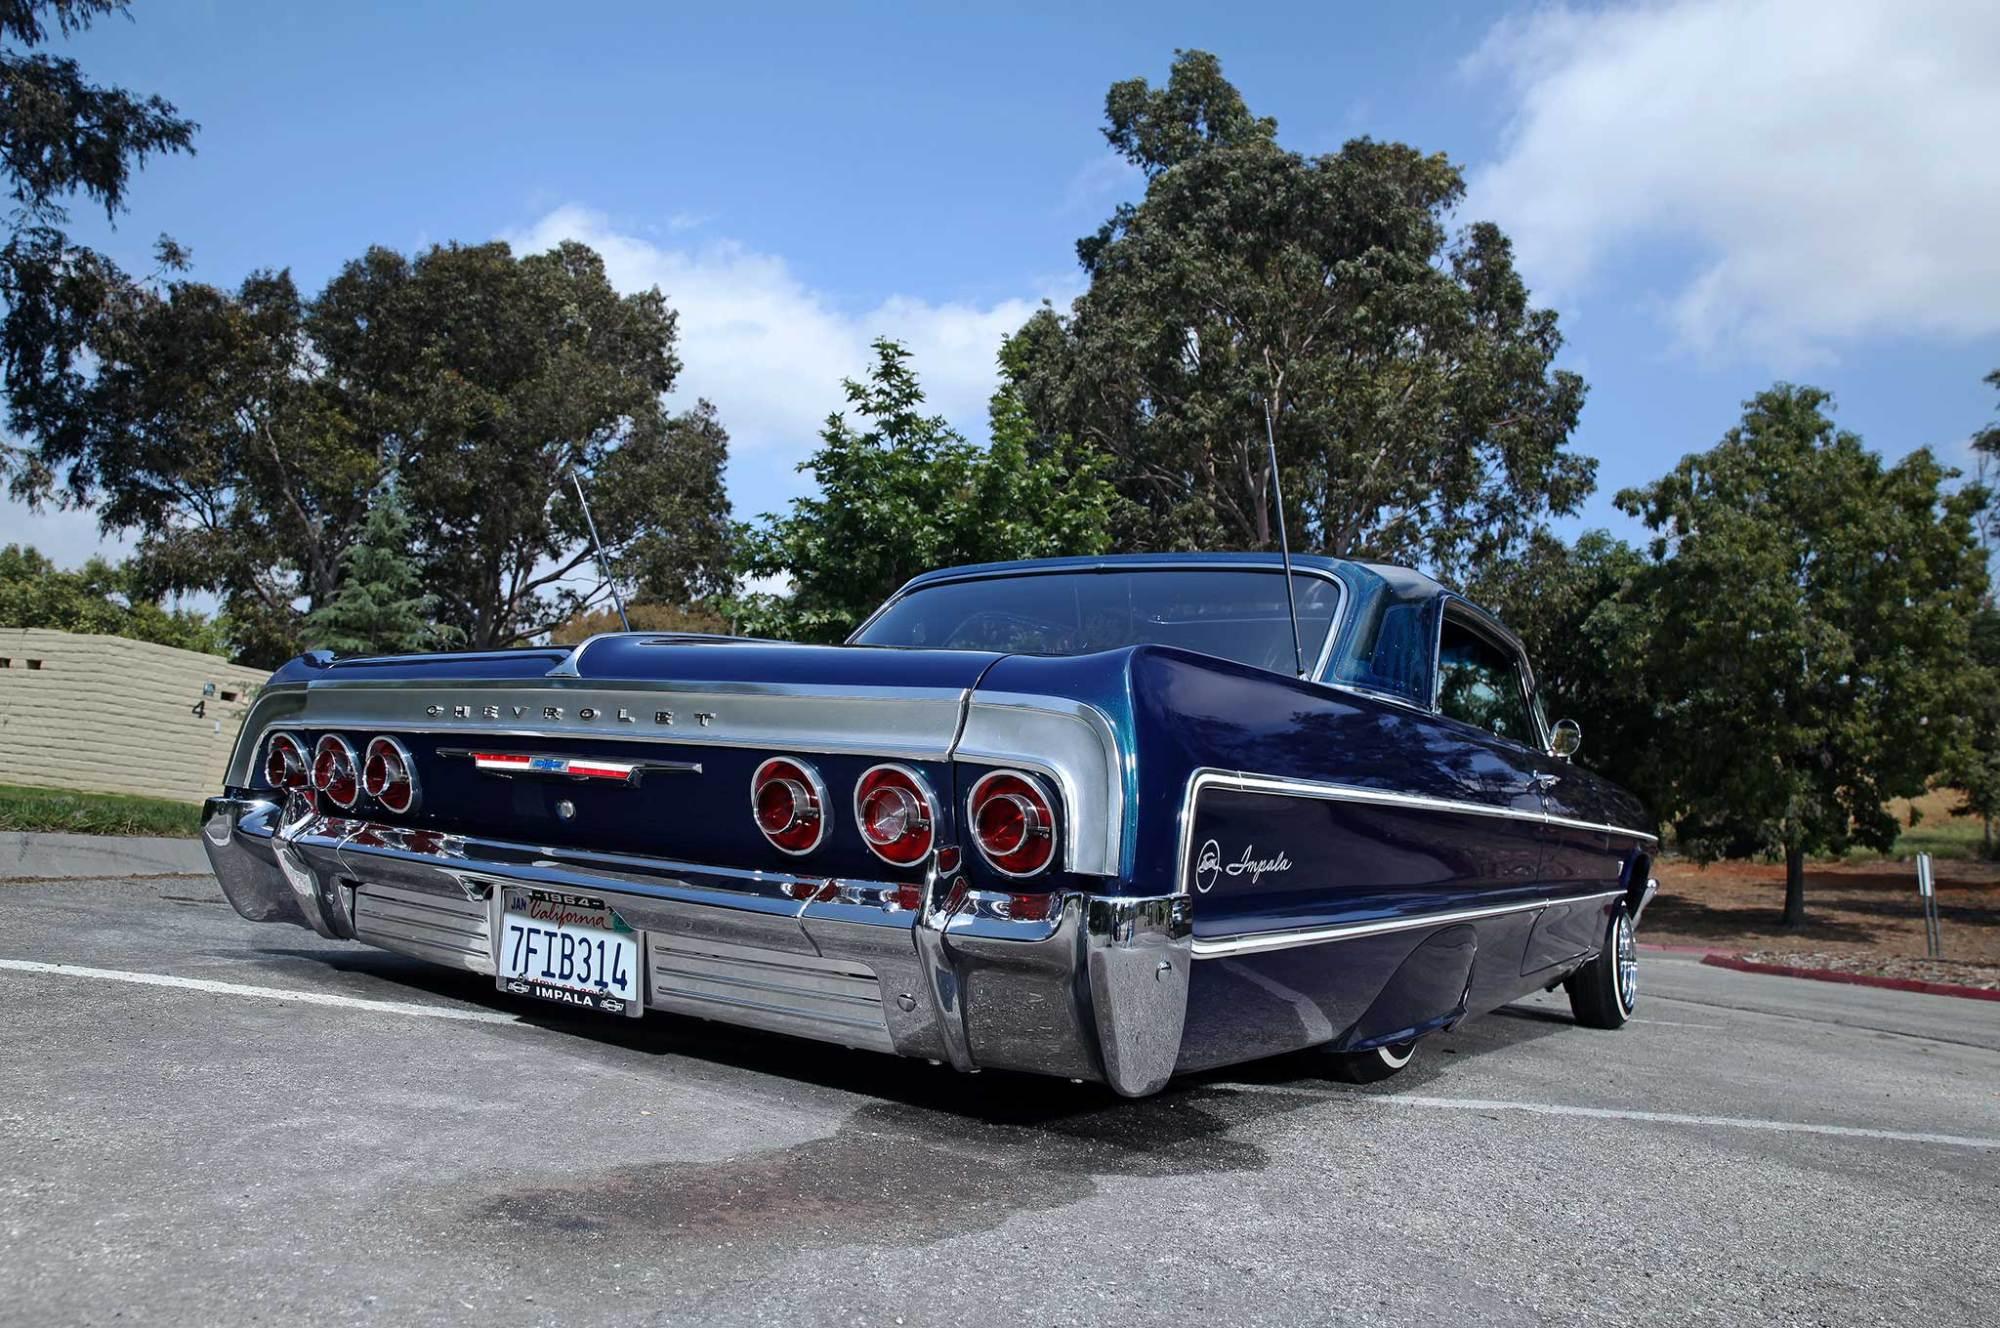 hight resolution of 1964 chevrolet impala rear bumper tail light